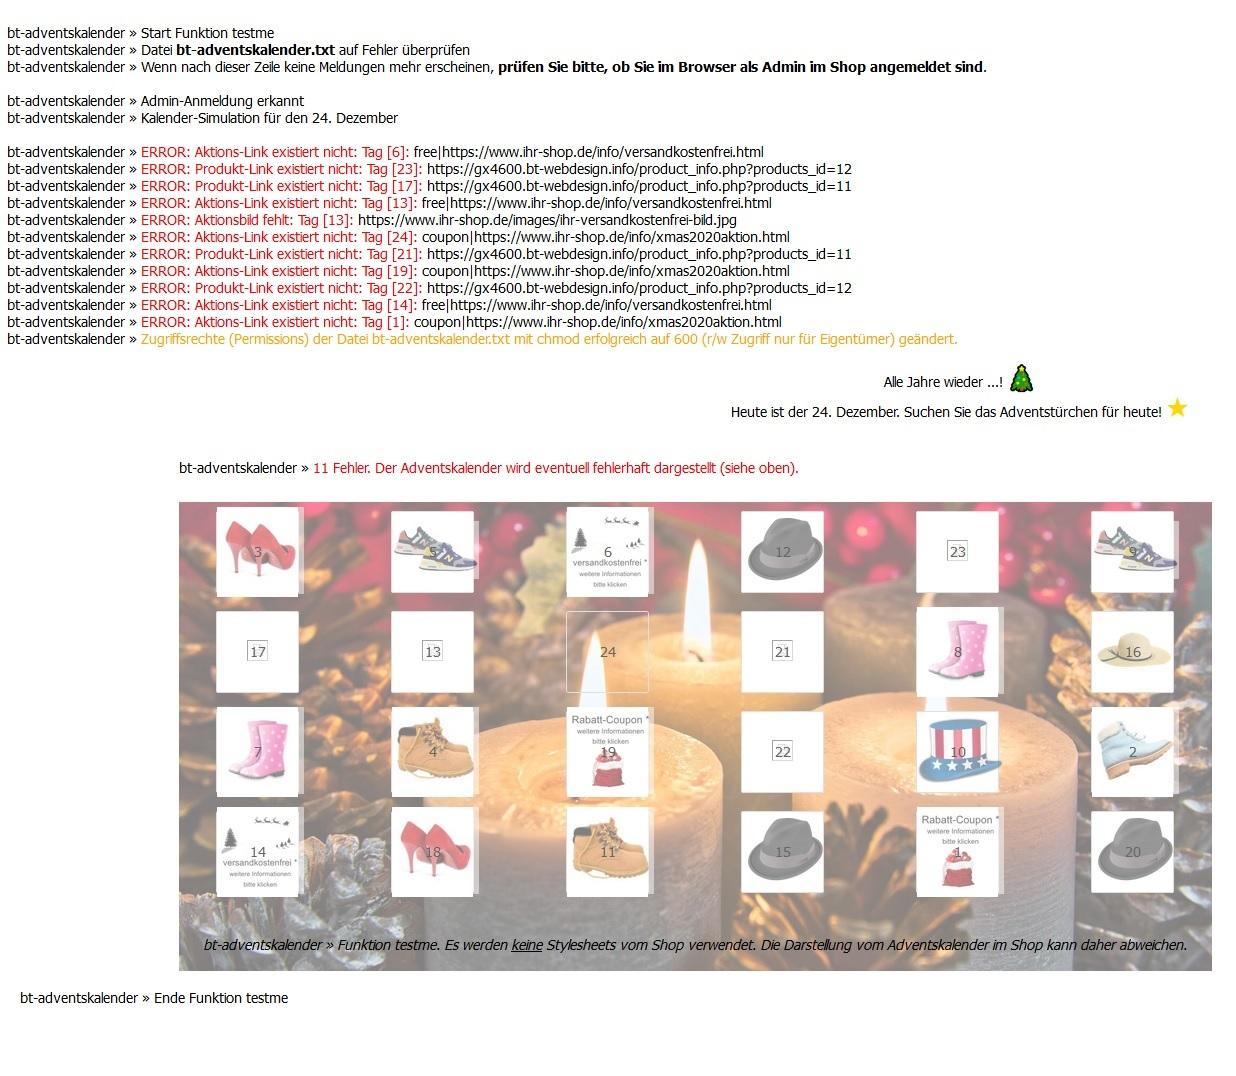 Test, Fehlersuche und Simulation - Funktion testme - Gambio Adventskalender